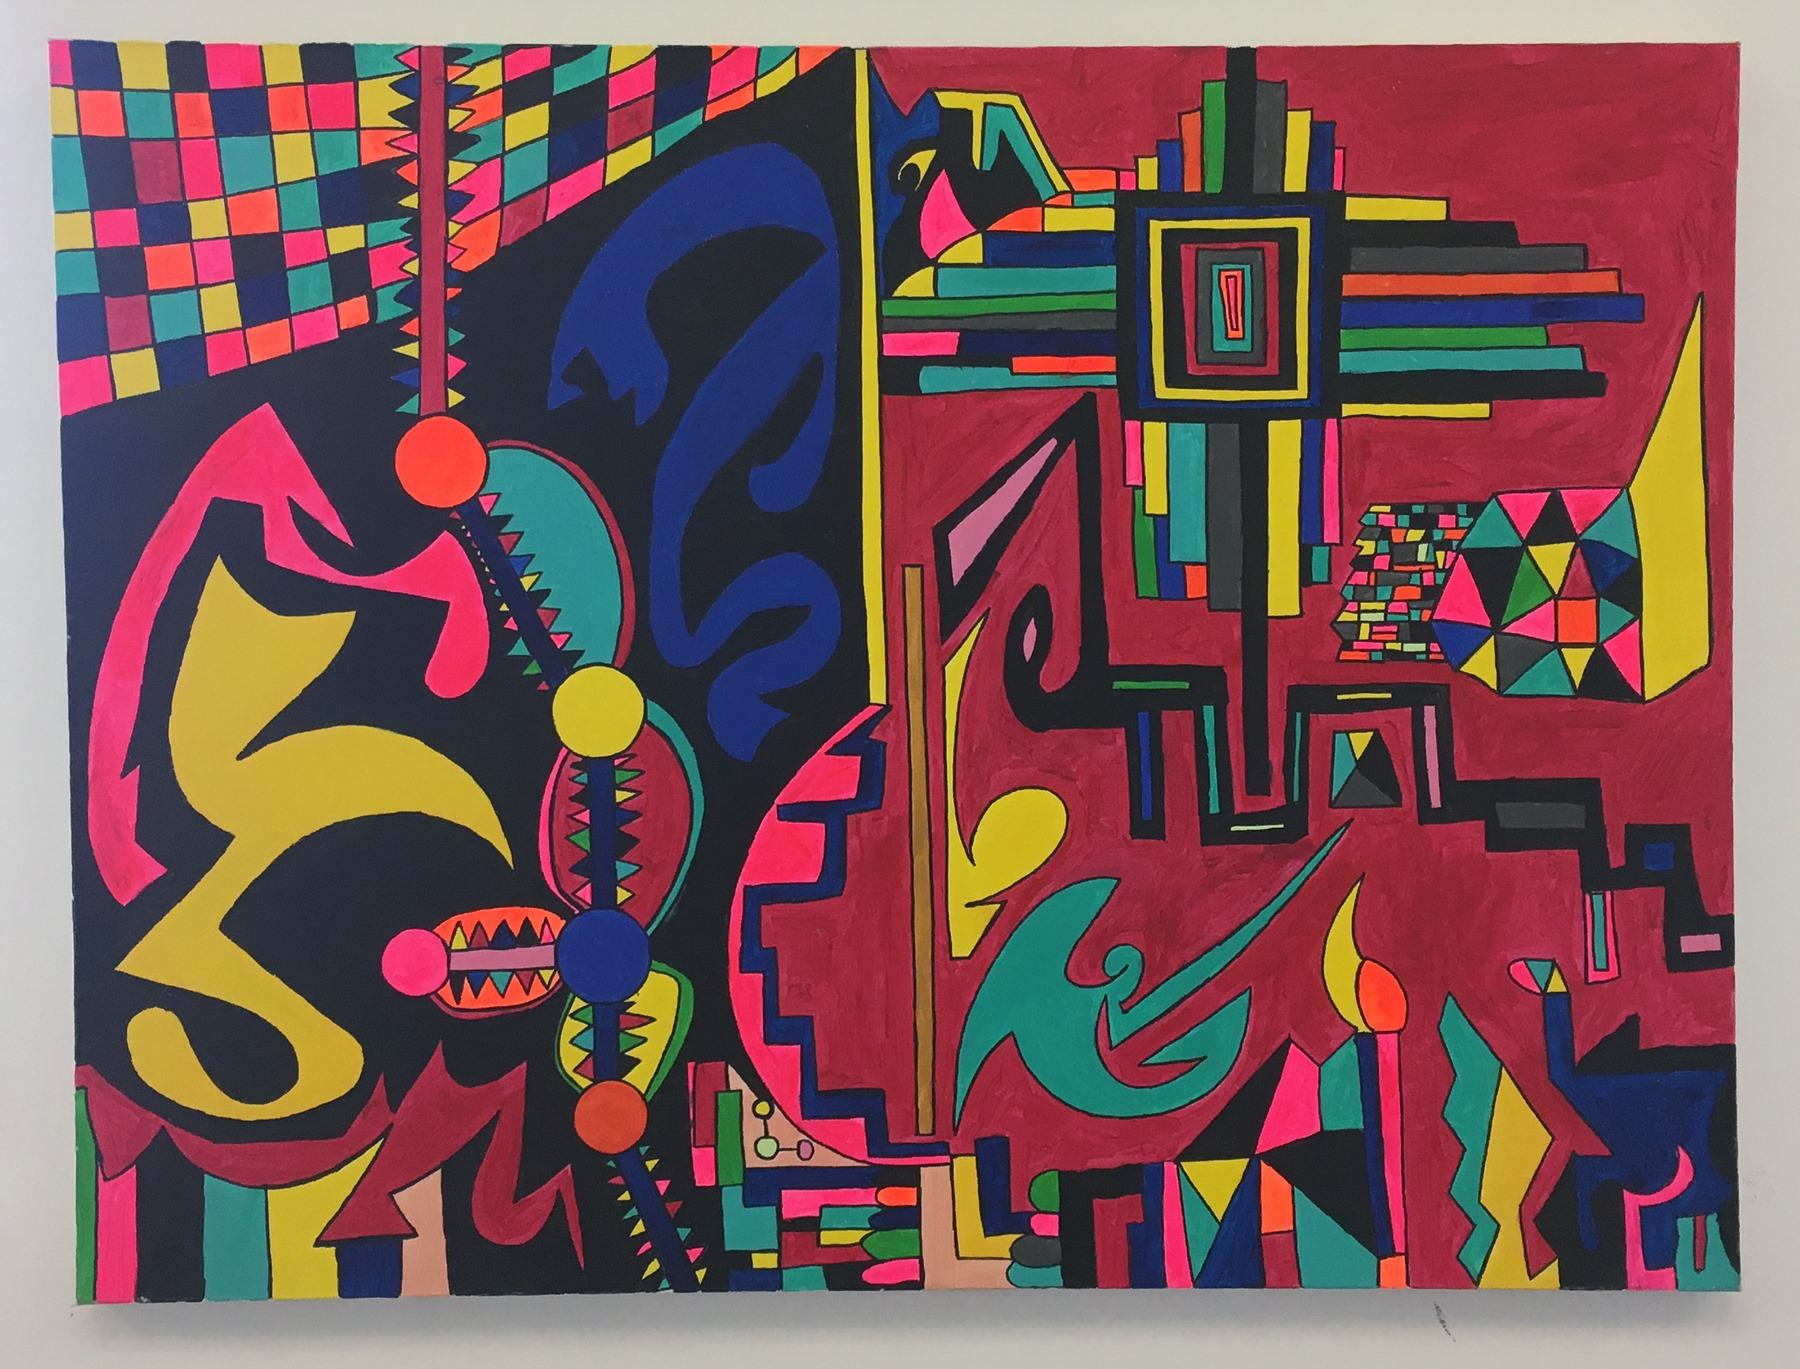 """Stephen Sharon - """"Living in a neutron dance"""" Insta: @stevesharonart For Sale: $350"""